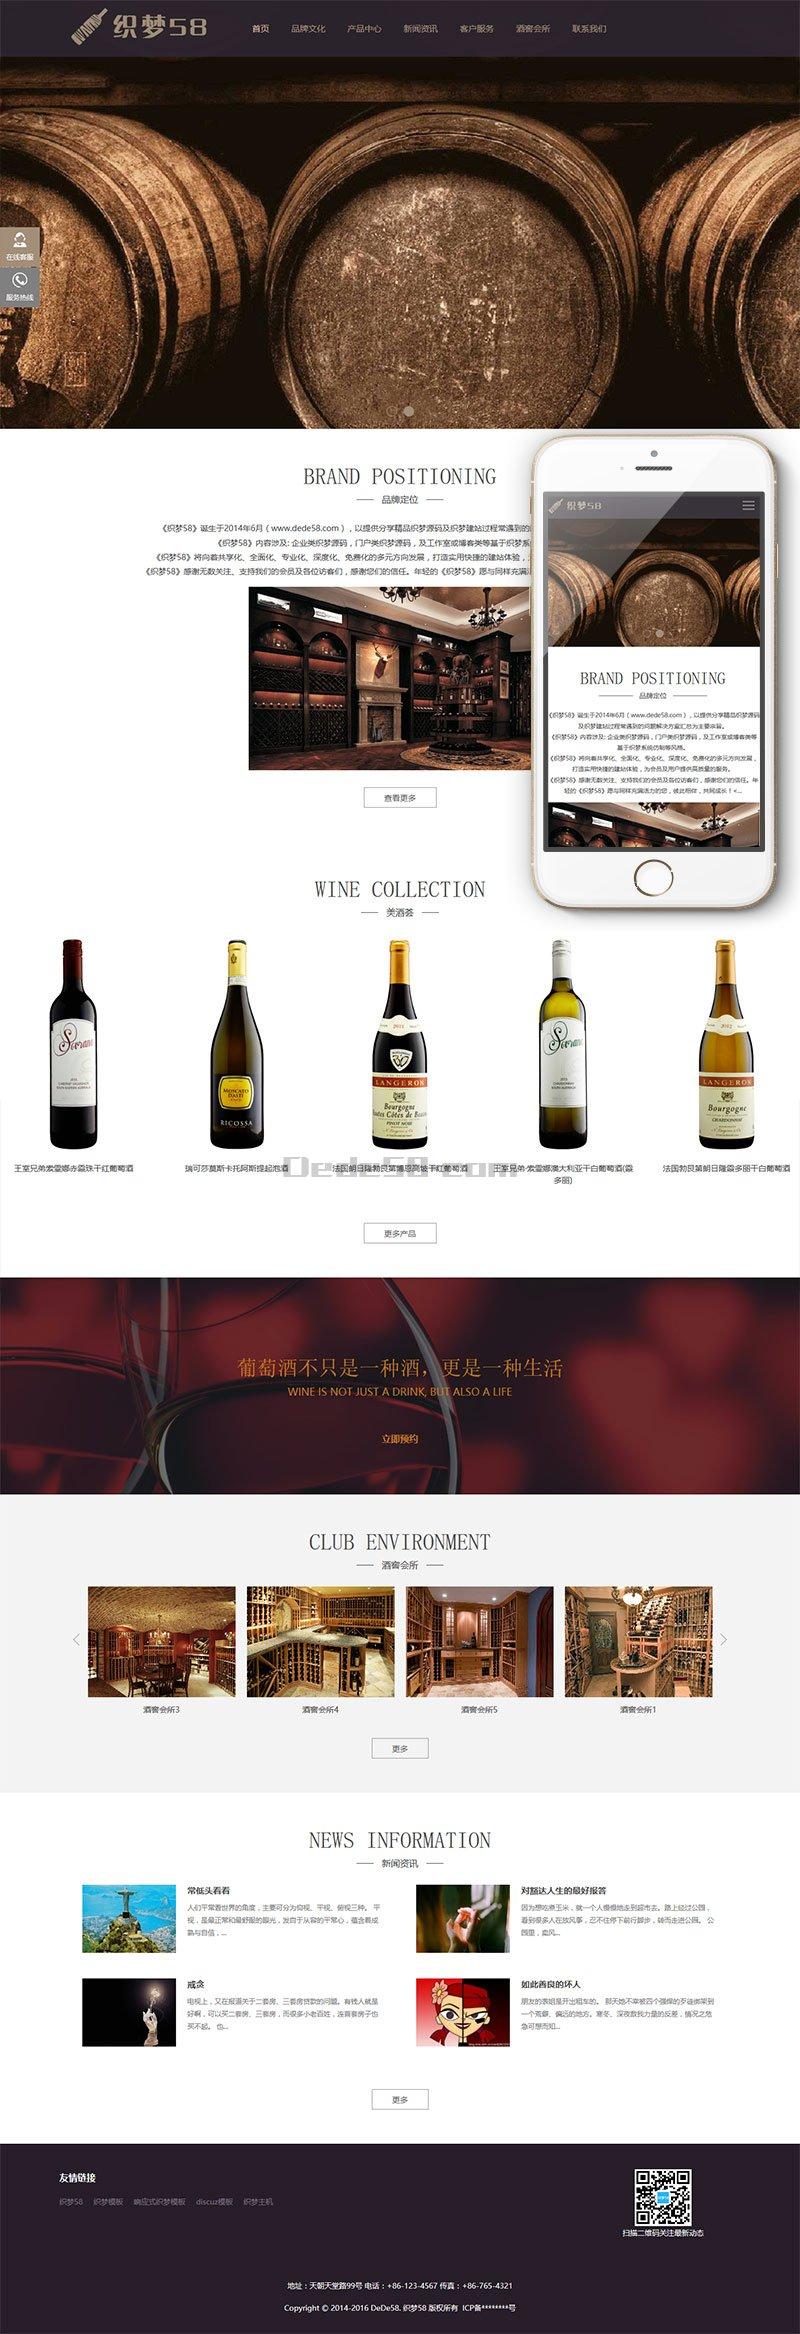 织梦响应式高端藏酒酒业酒窖网站织梦模板(自适应模板)+企业通用模板